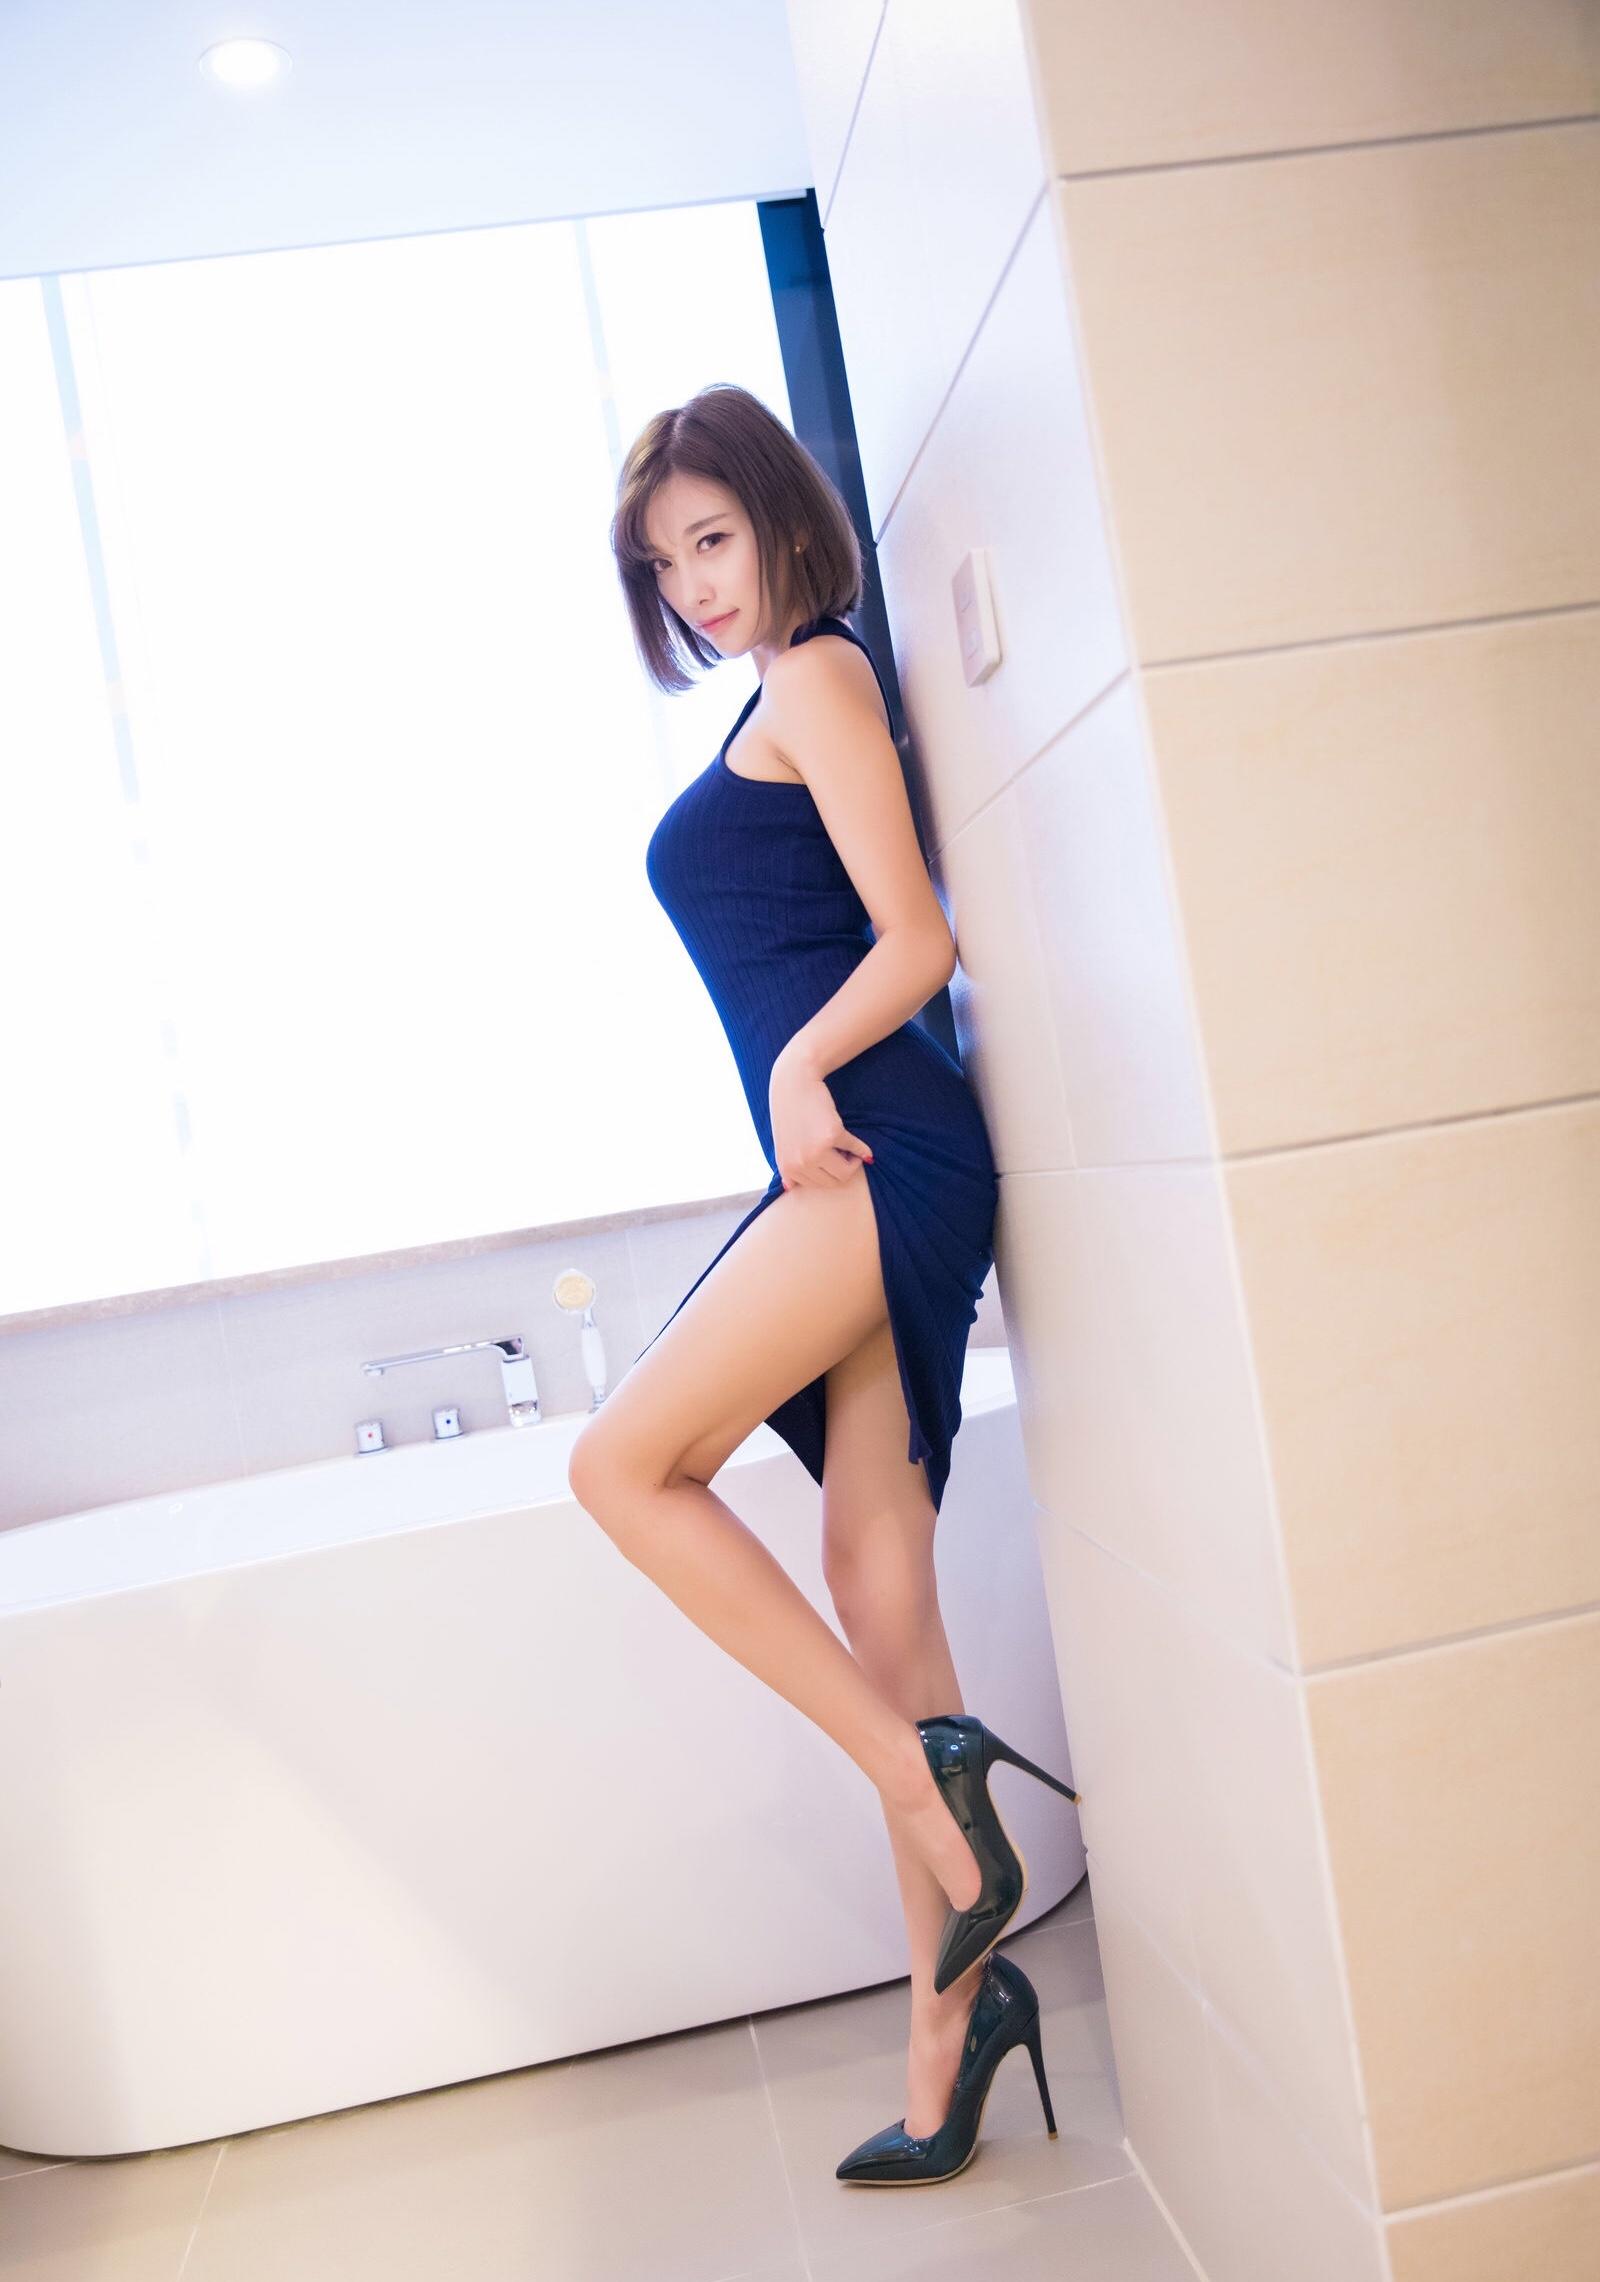 青いワンピースがセクシーなsugar杨晨晨 3